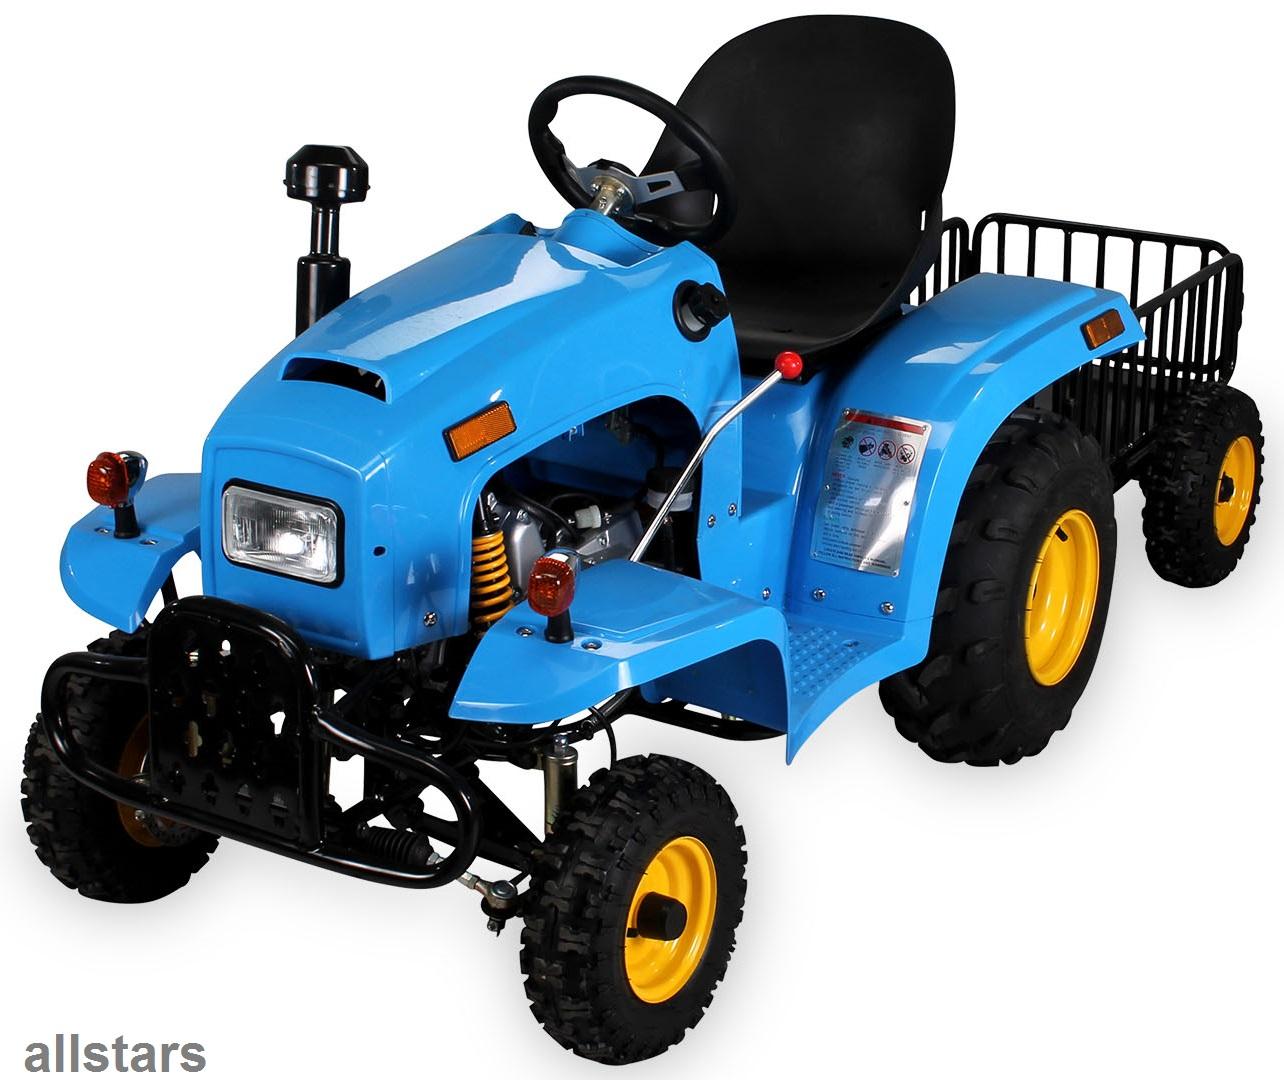 allstars kindertraktor blau quad kindertrecker mit anh nger traktor 4 takter kaufen bei euro. Black Bedroom Furniture Sets. Home Design Ideas